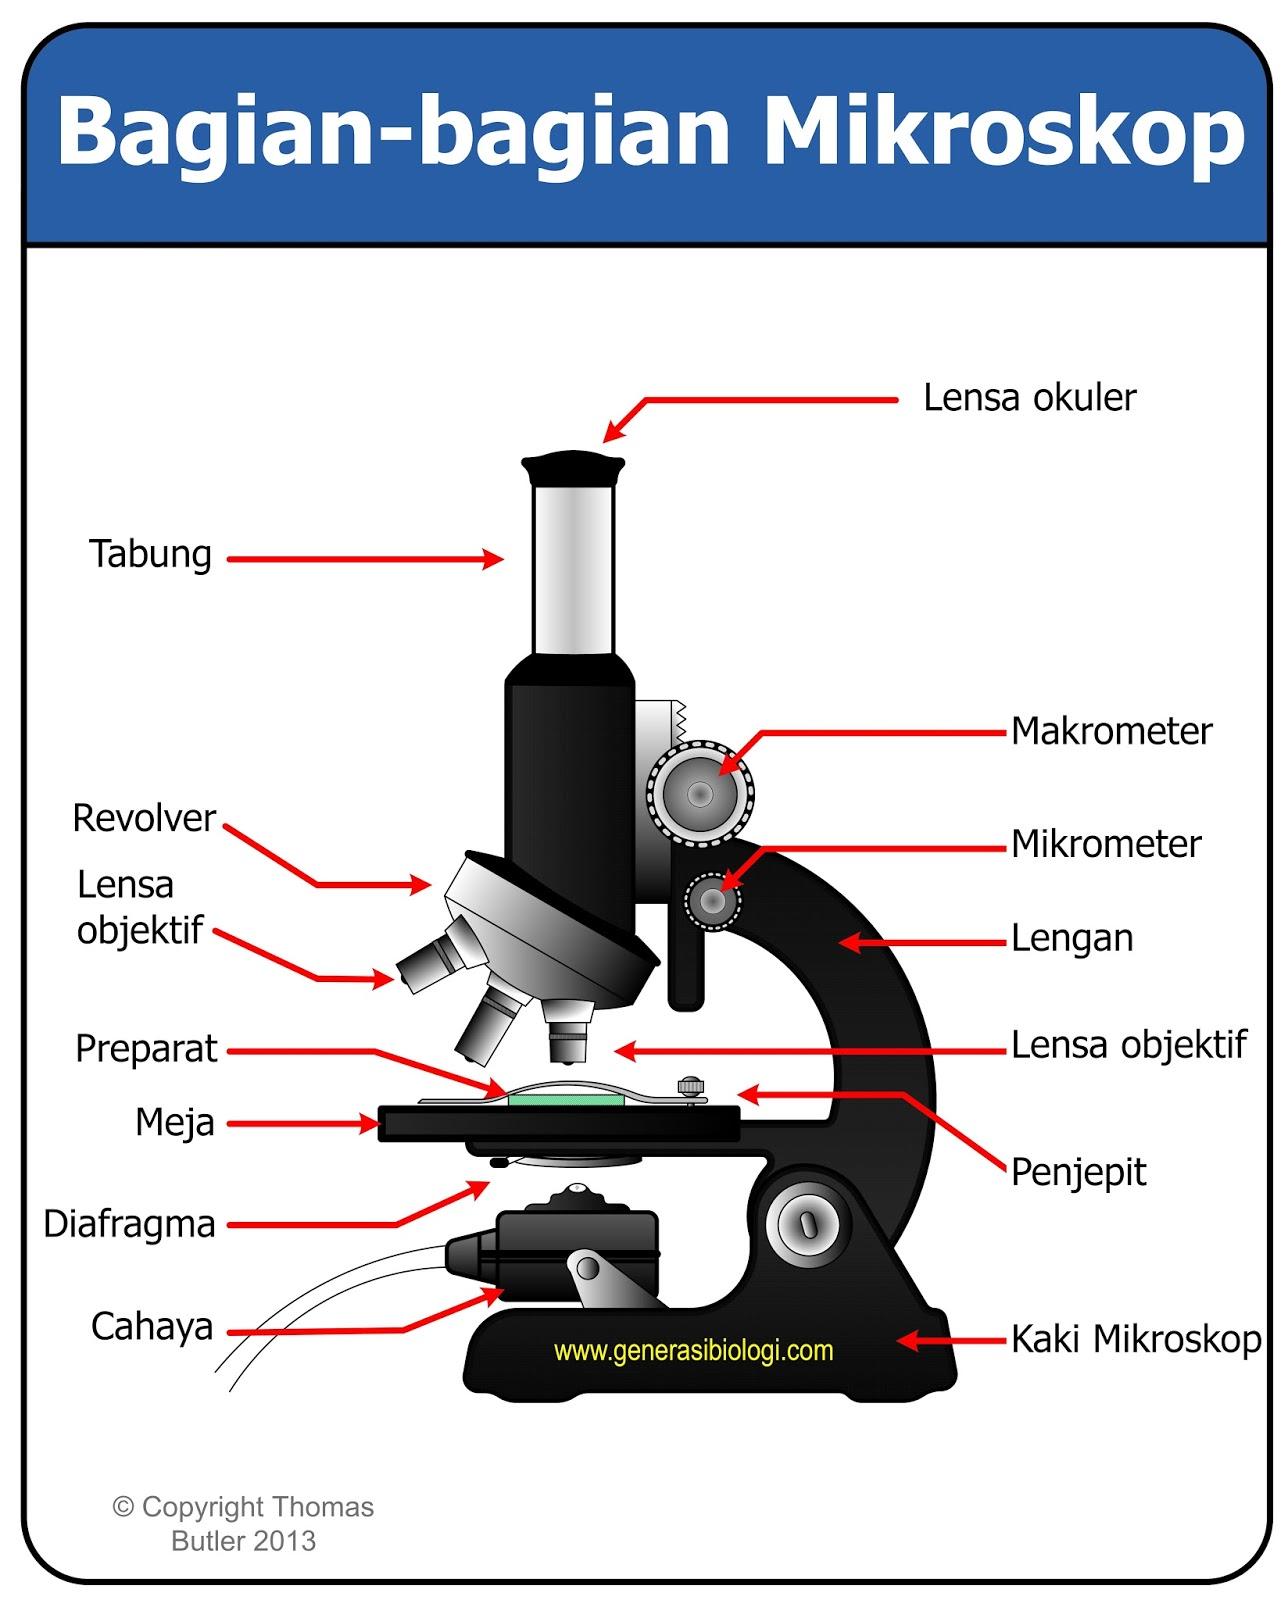 Macam Macam Mikroskop Dan Fungsinya Materi Lengkap Generasi Biologi